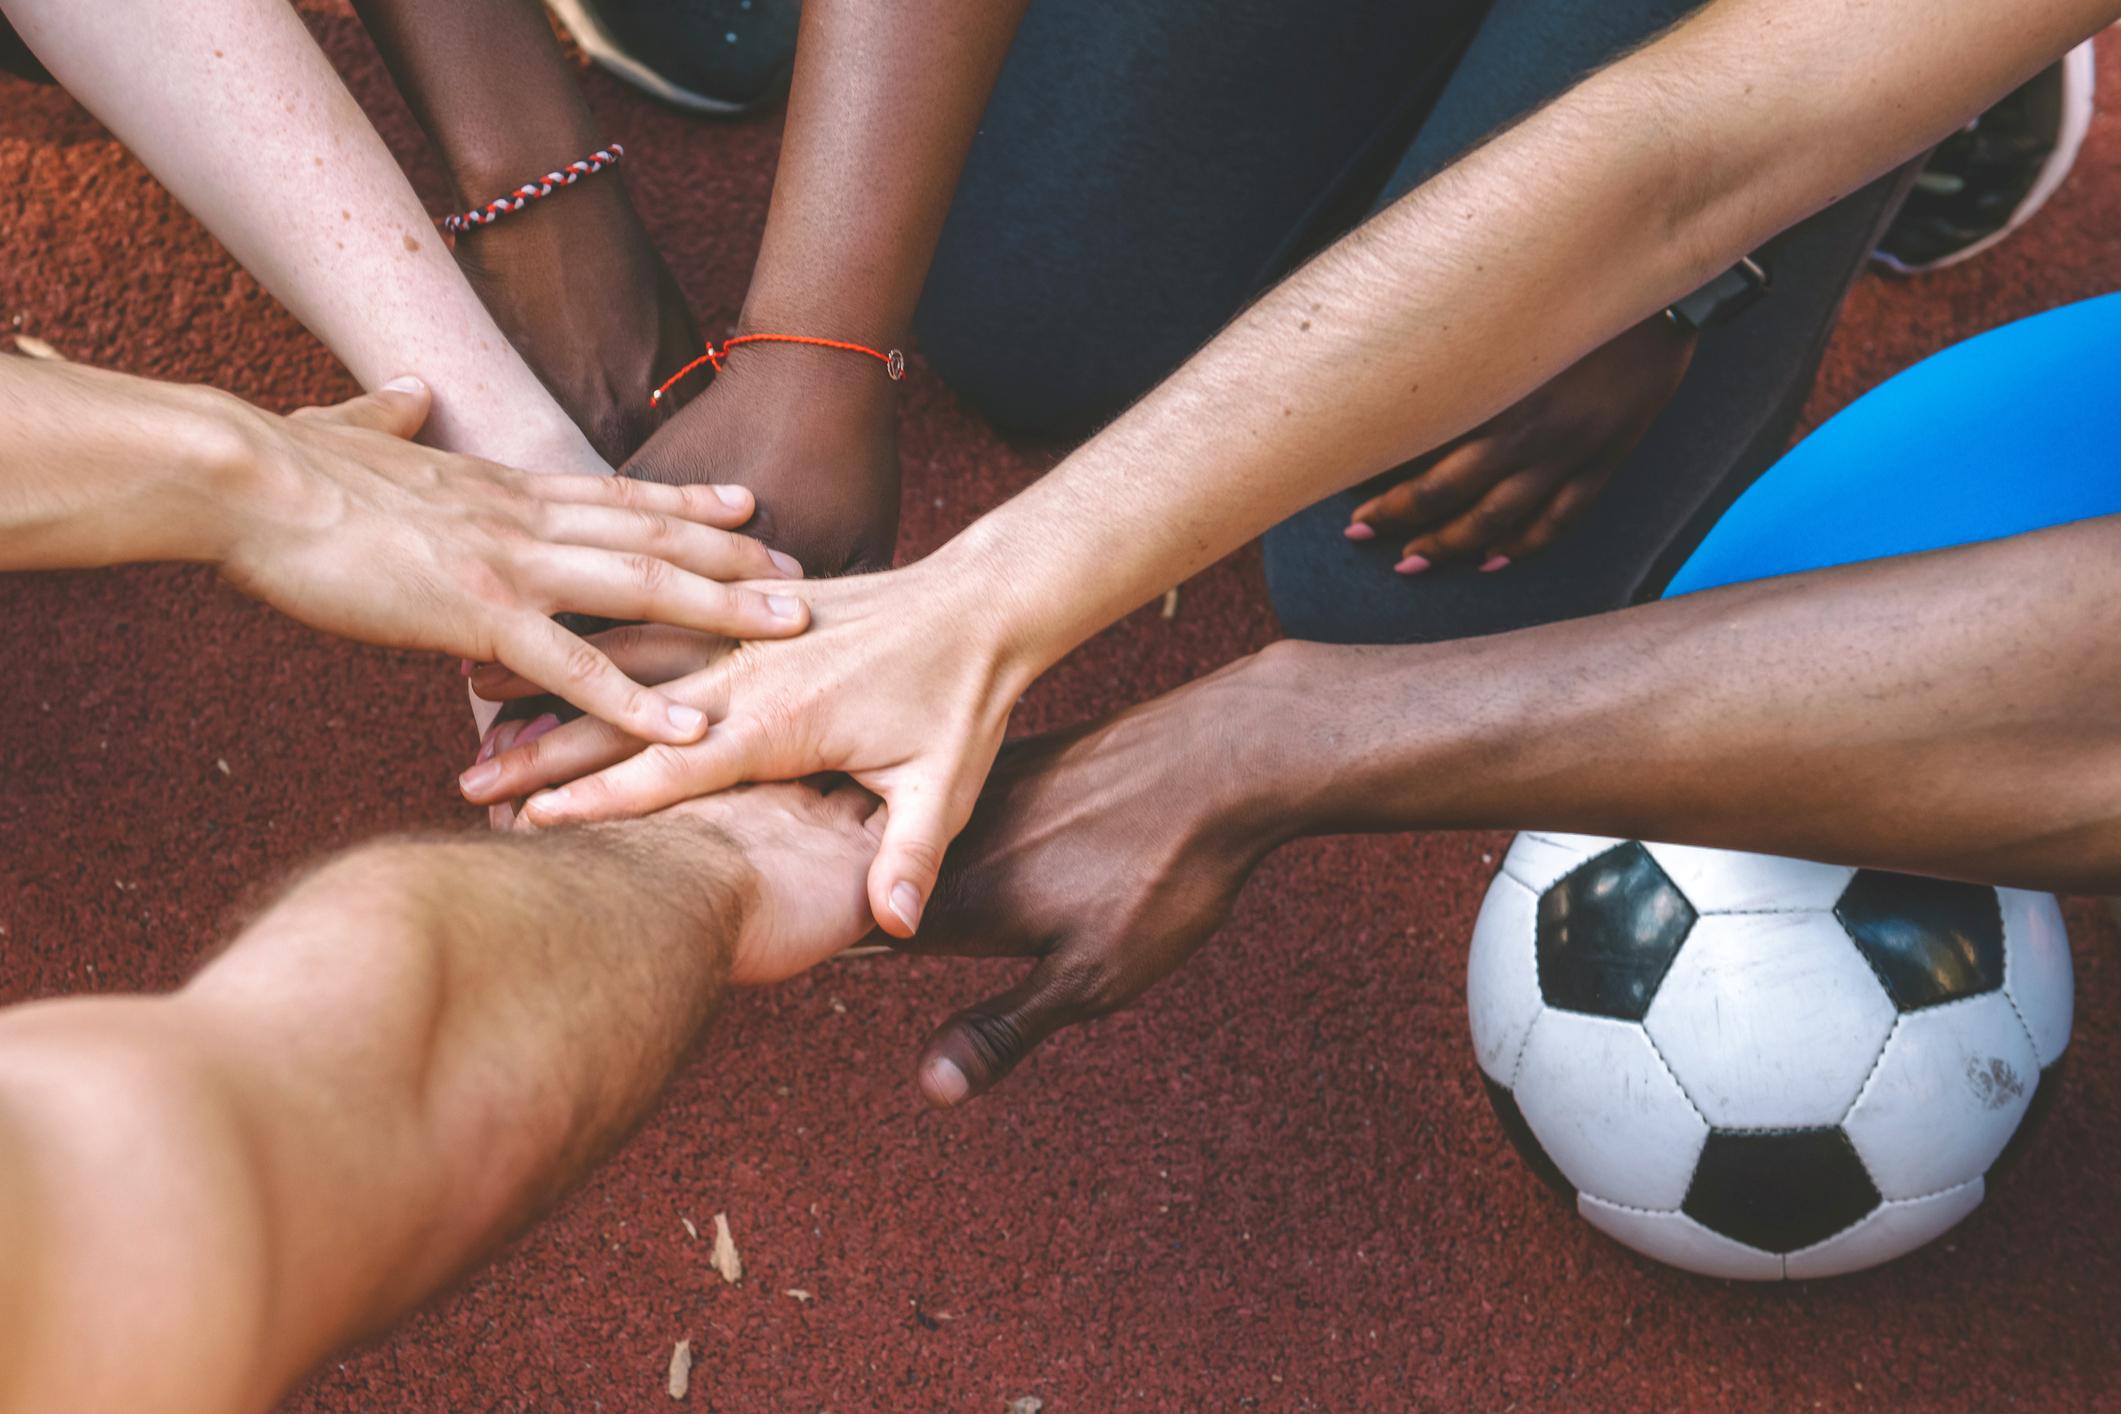 Futebol: a paixão nacional que não para de surpreender